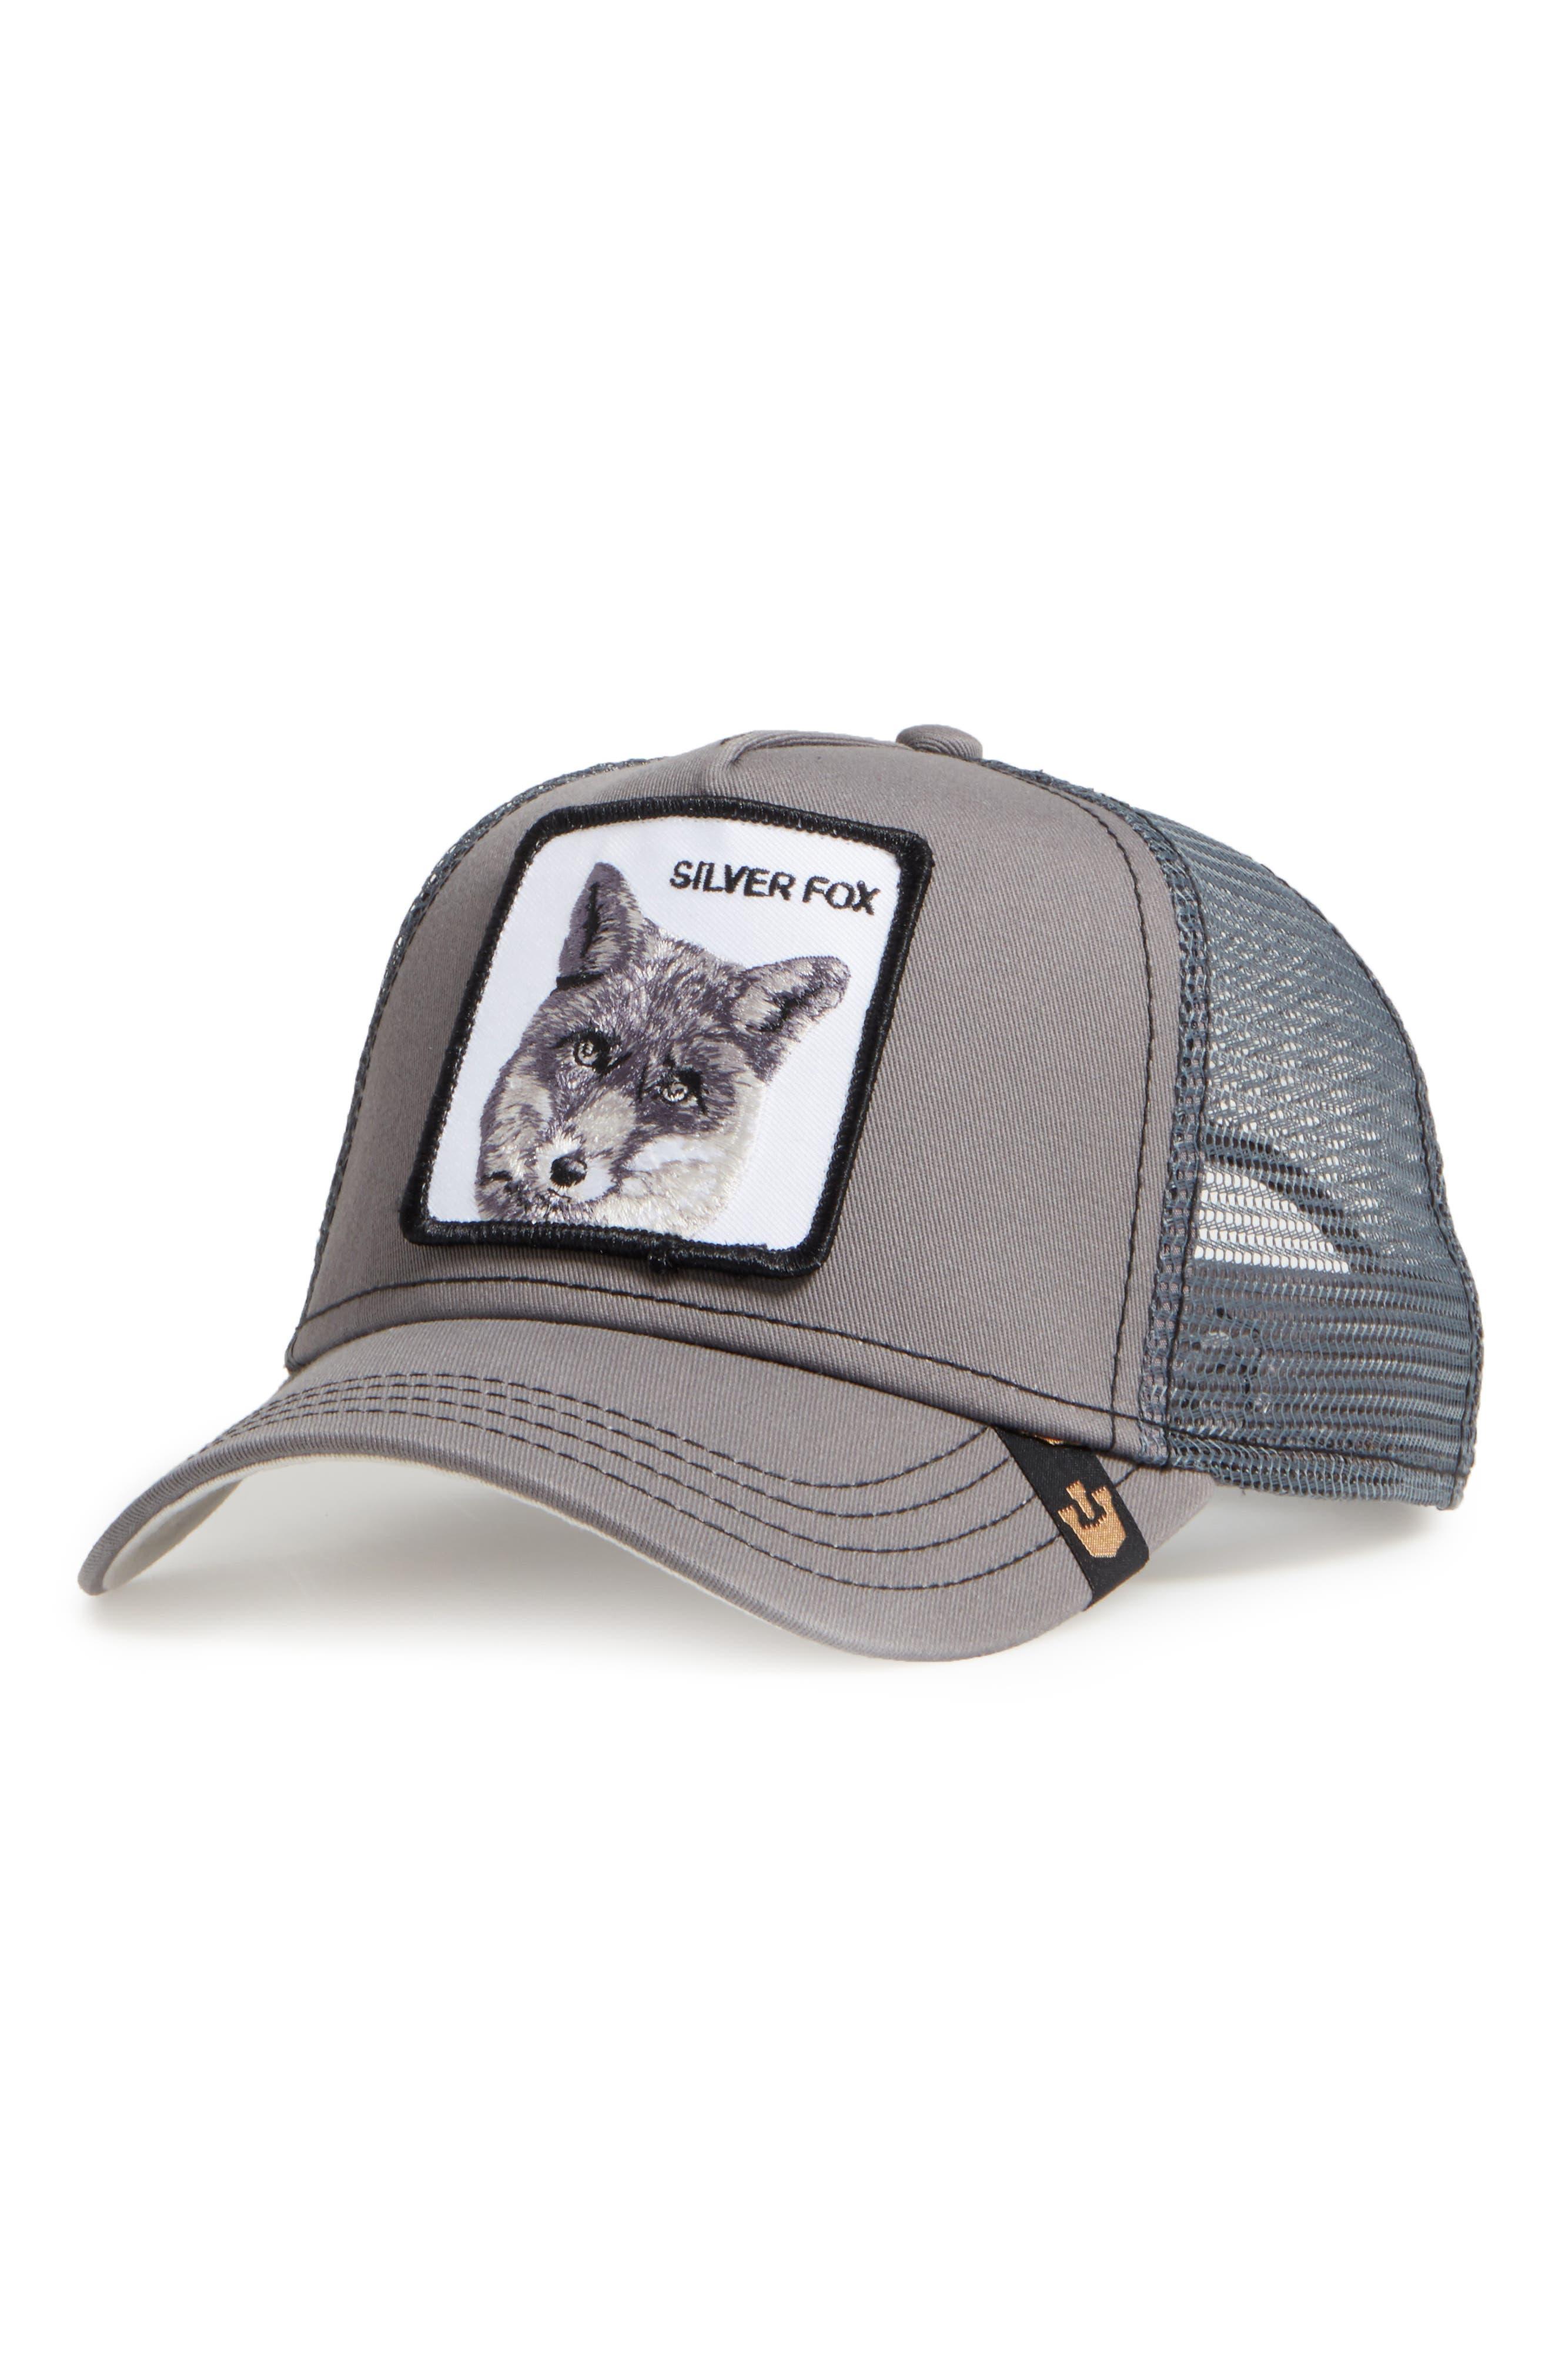 . Silver Fox Trucker Hat